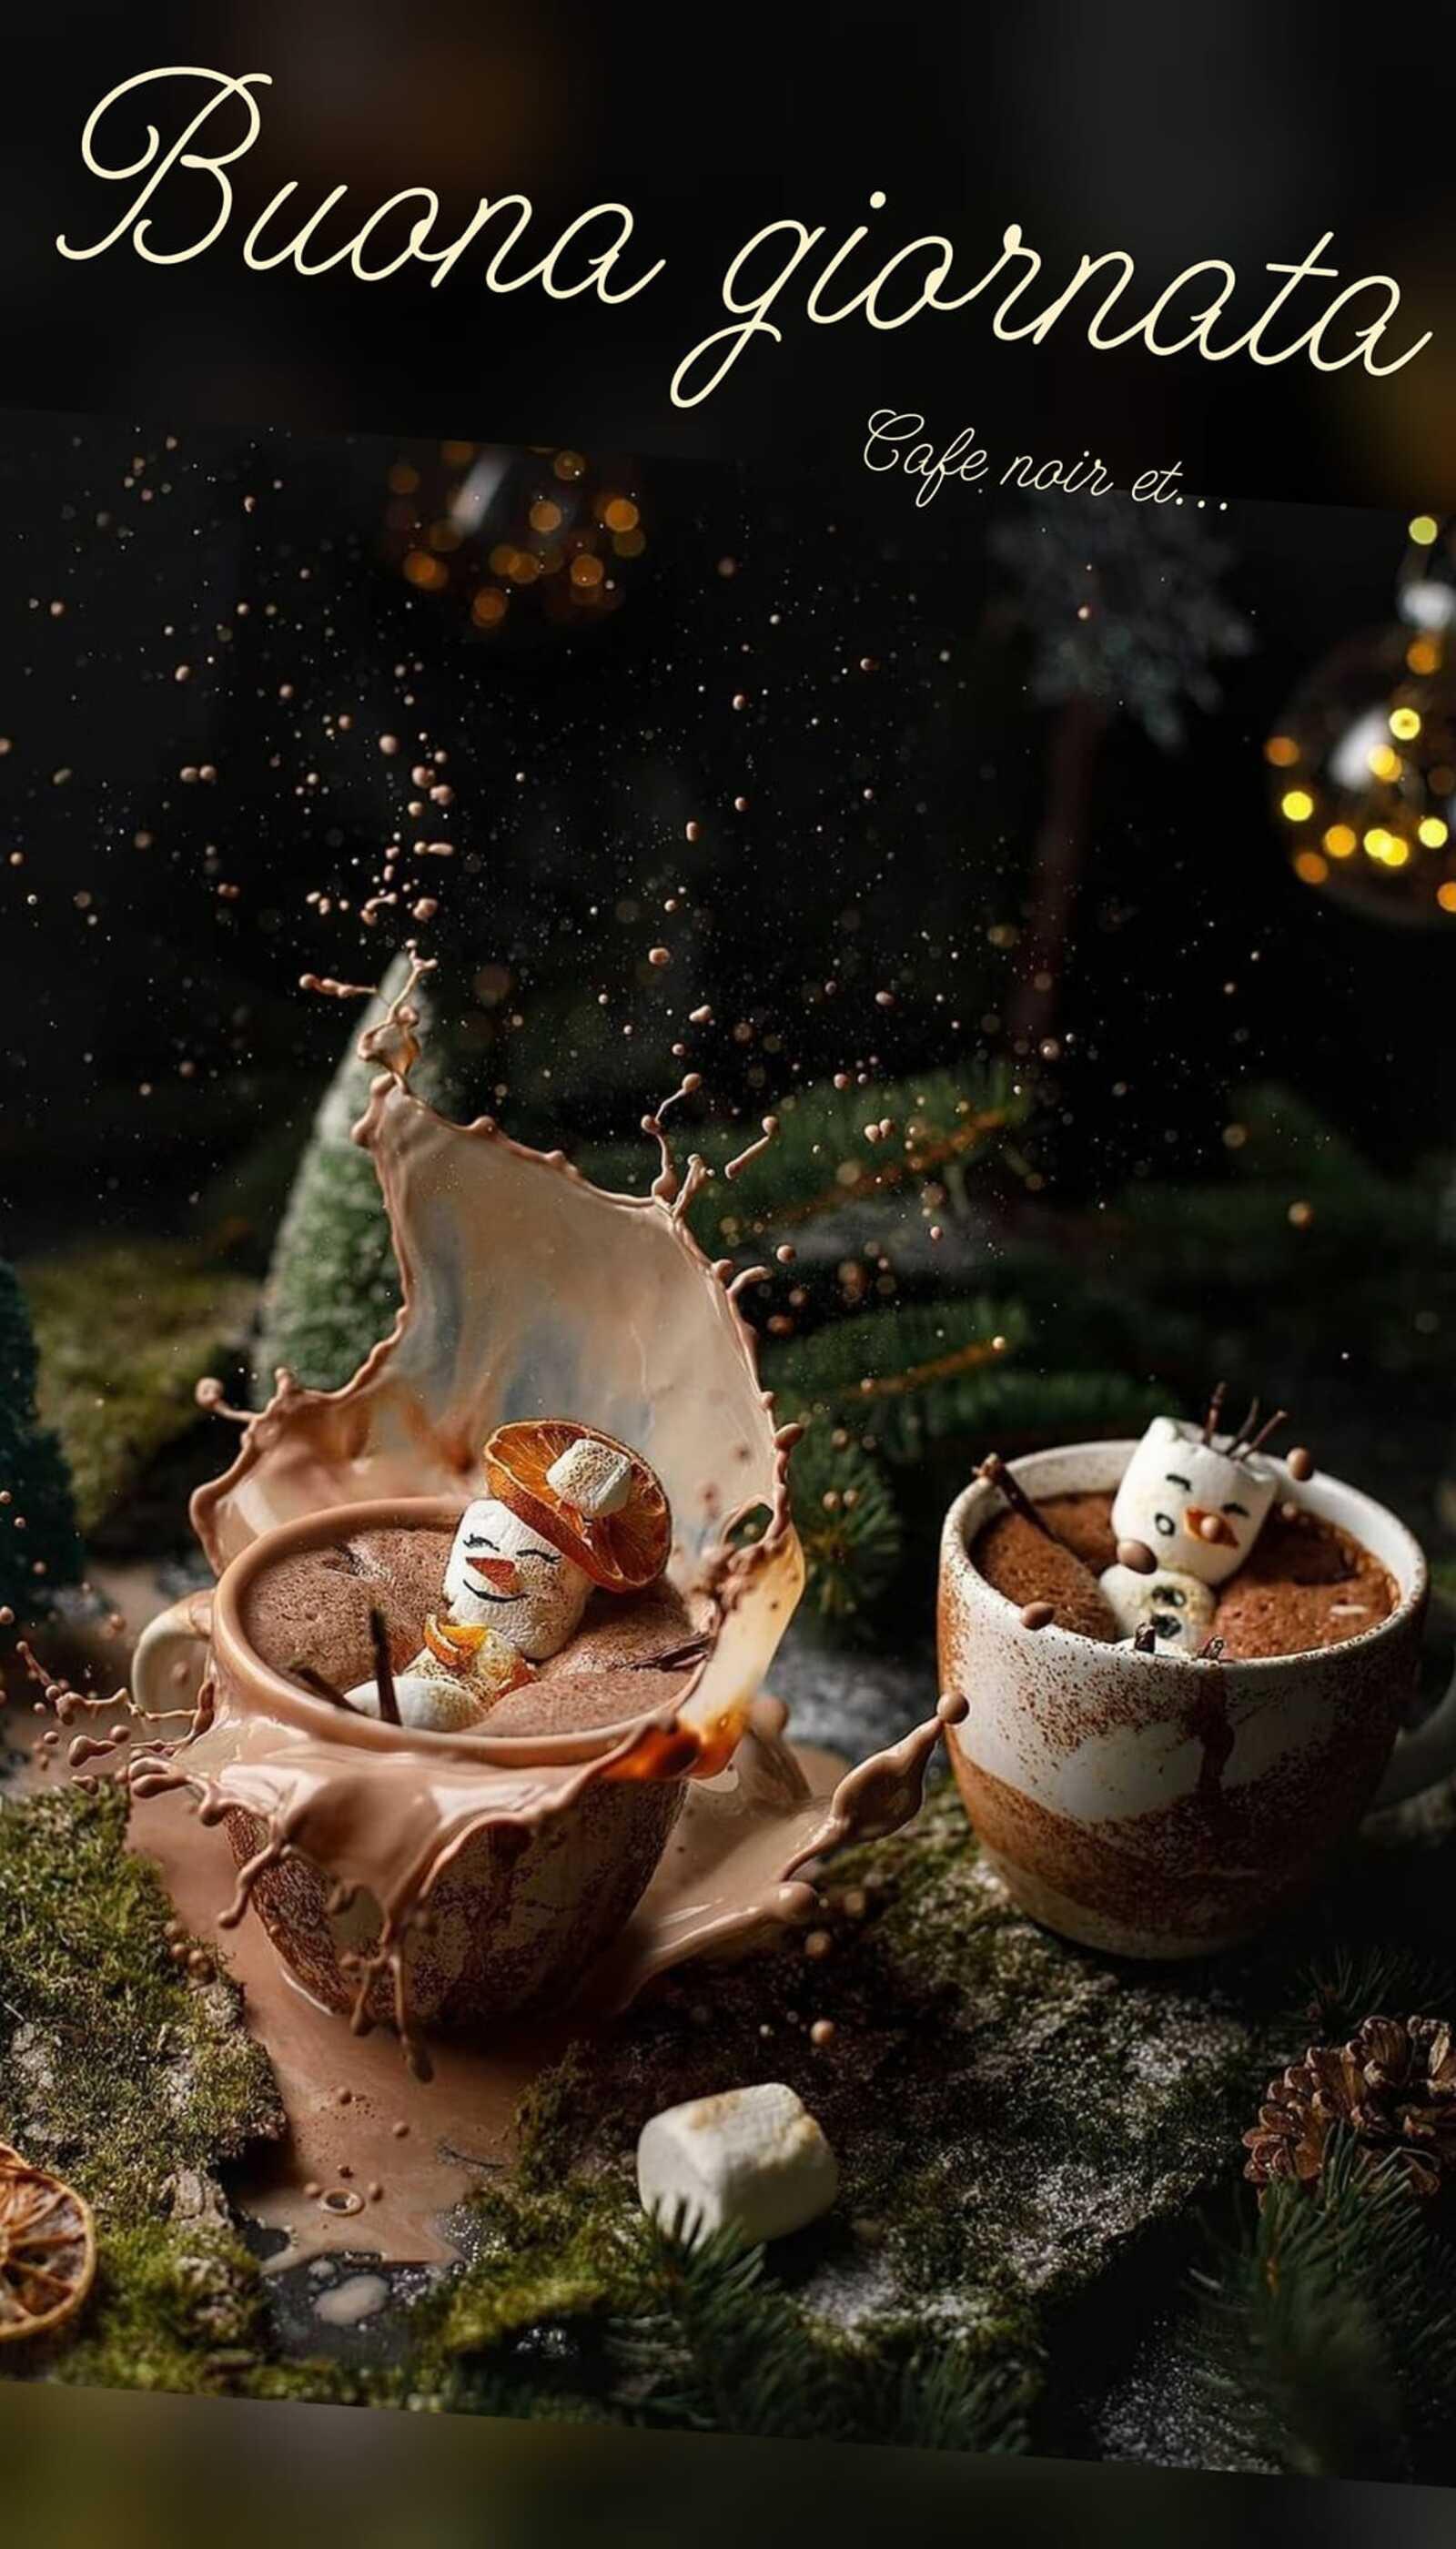 Buona Giornata il Natale è vicino